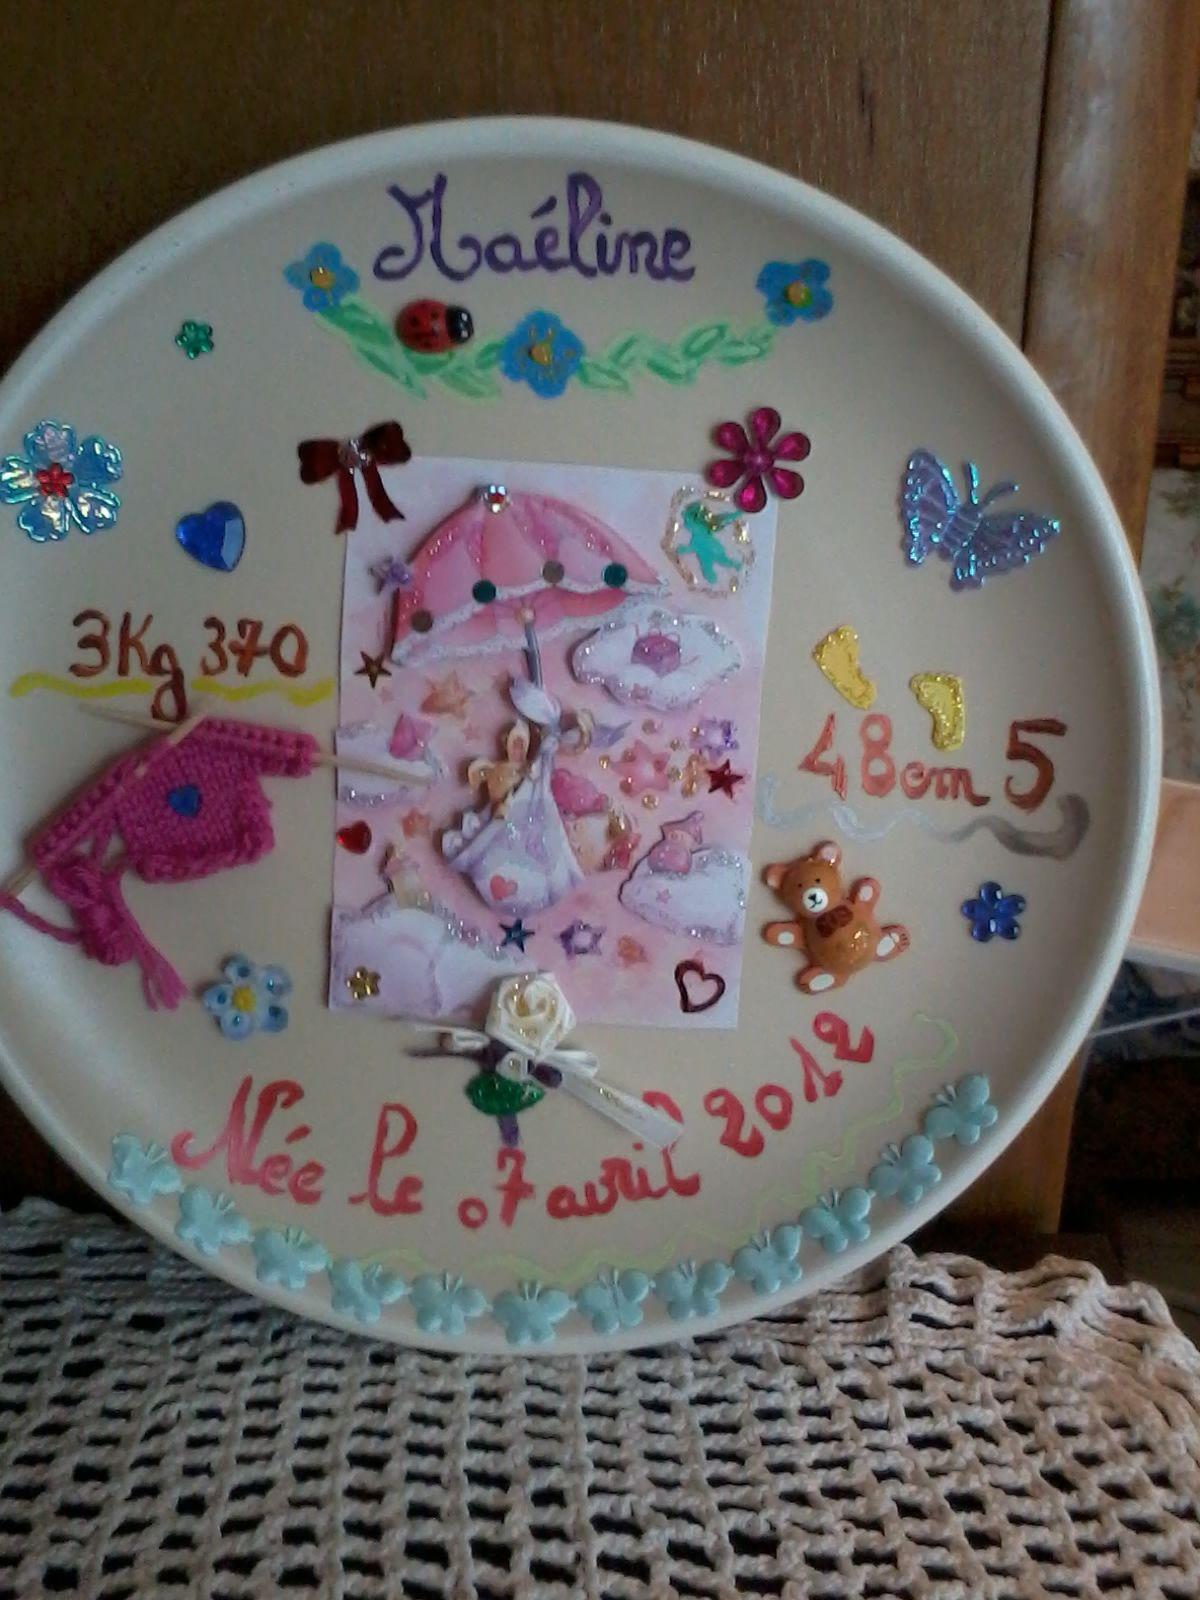 Assiette Maéline, sans le poème... Les petits tricots c'est moi qui les tricotes avec des cures dents ...